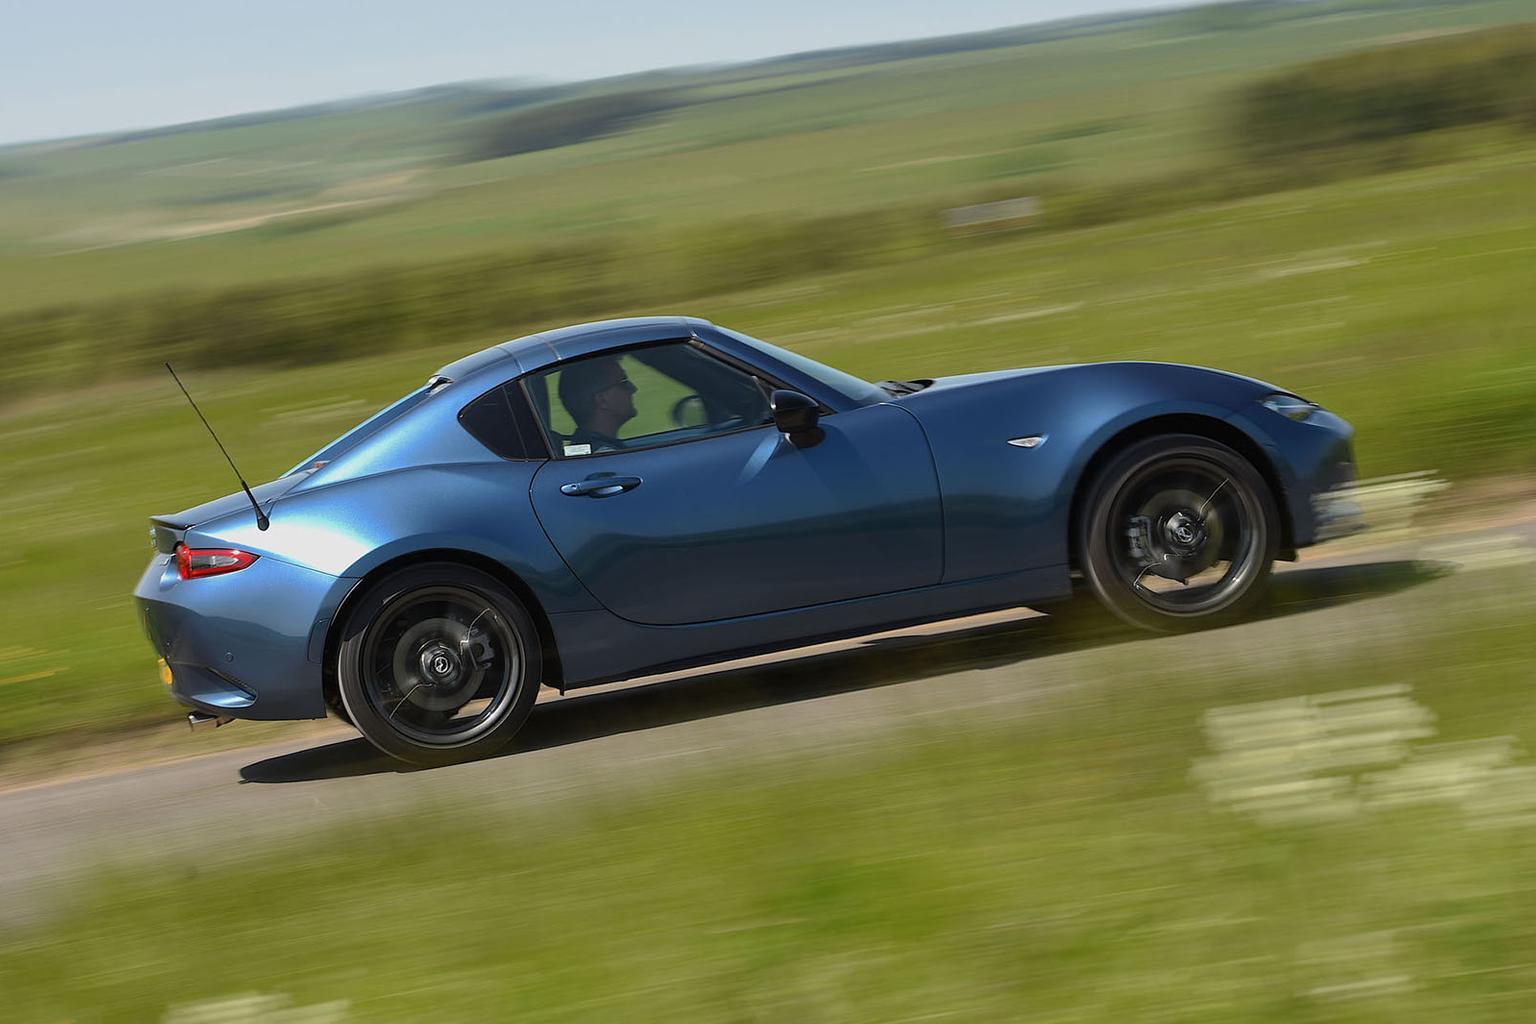 2018 Mazda MX-5 RF Sport Black review - verdict